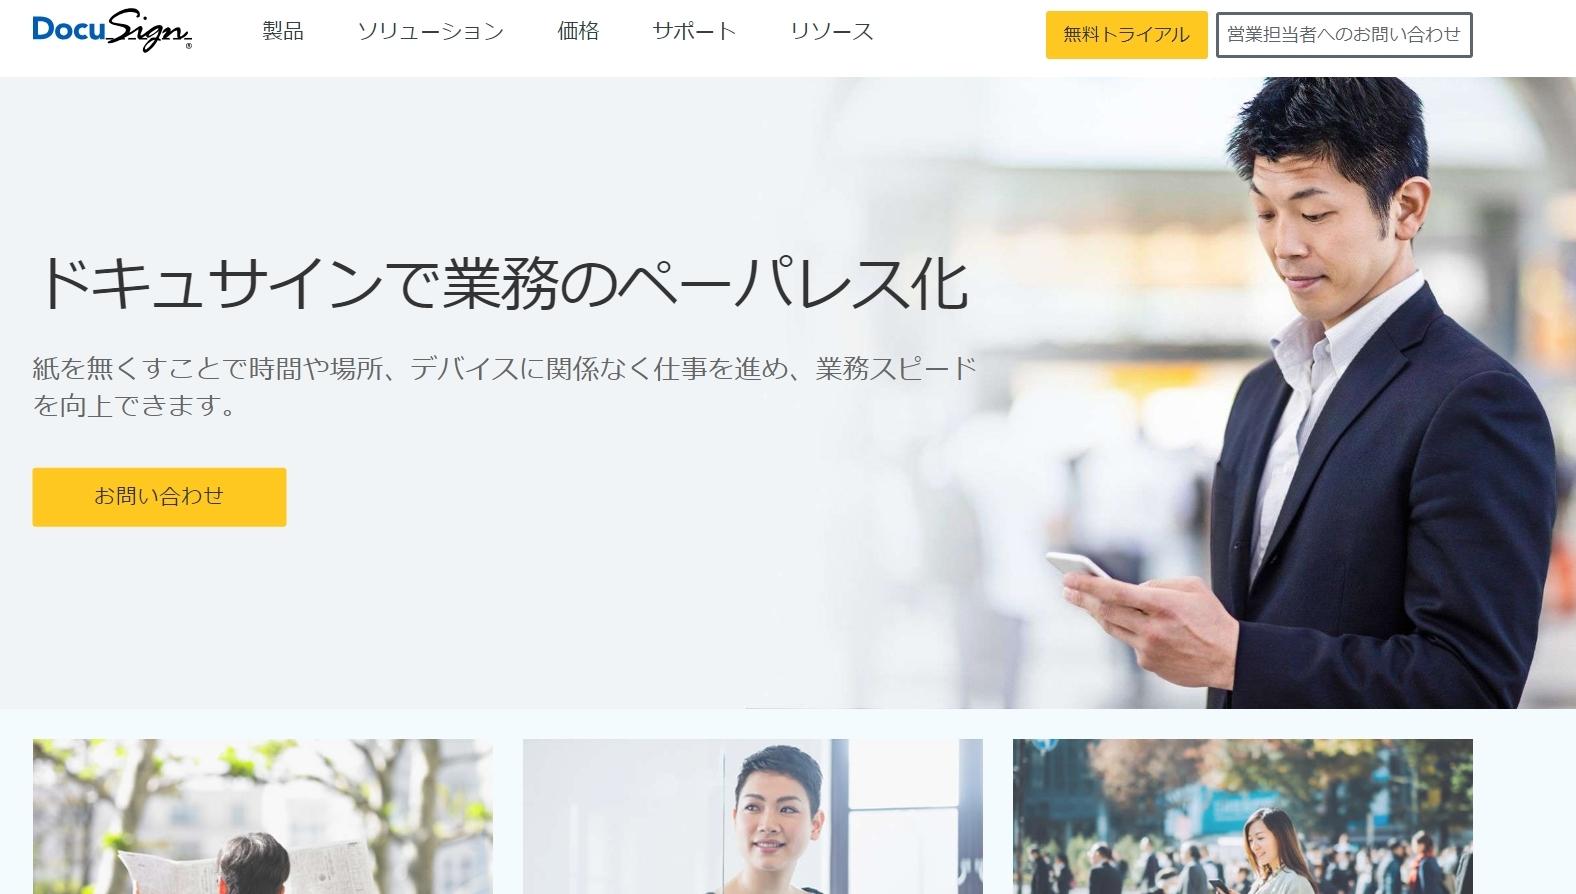 Docusign サービス紹介サイト